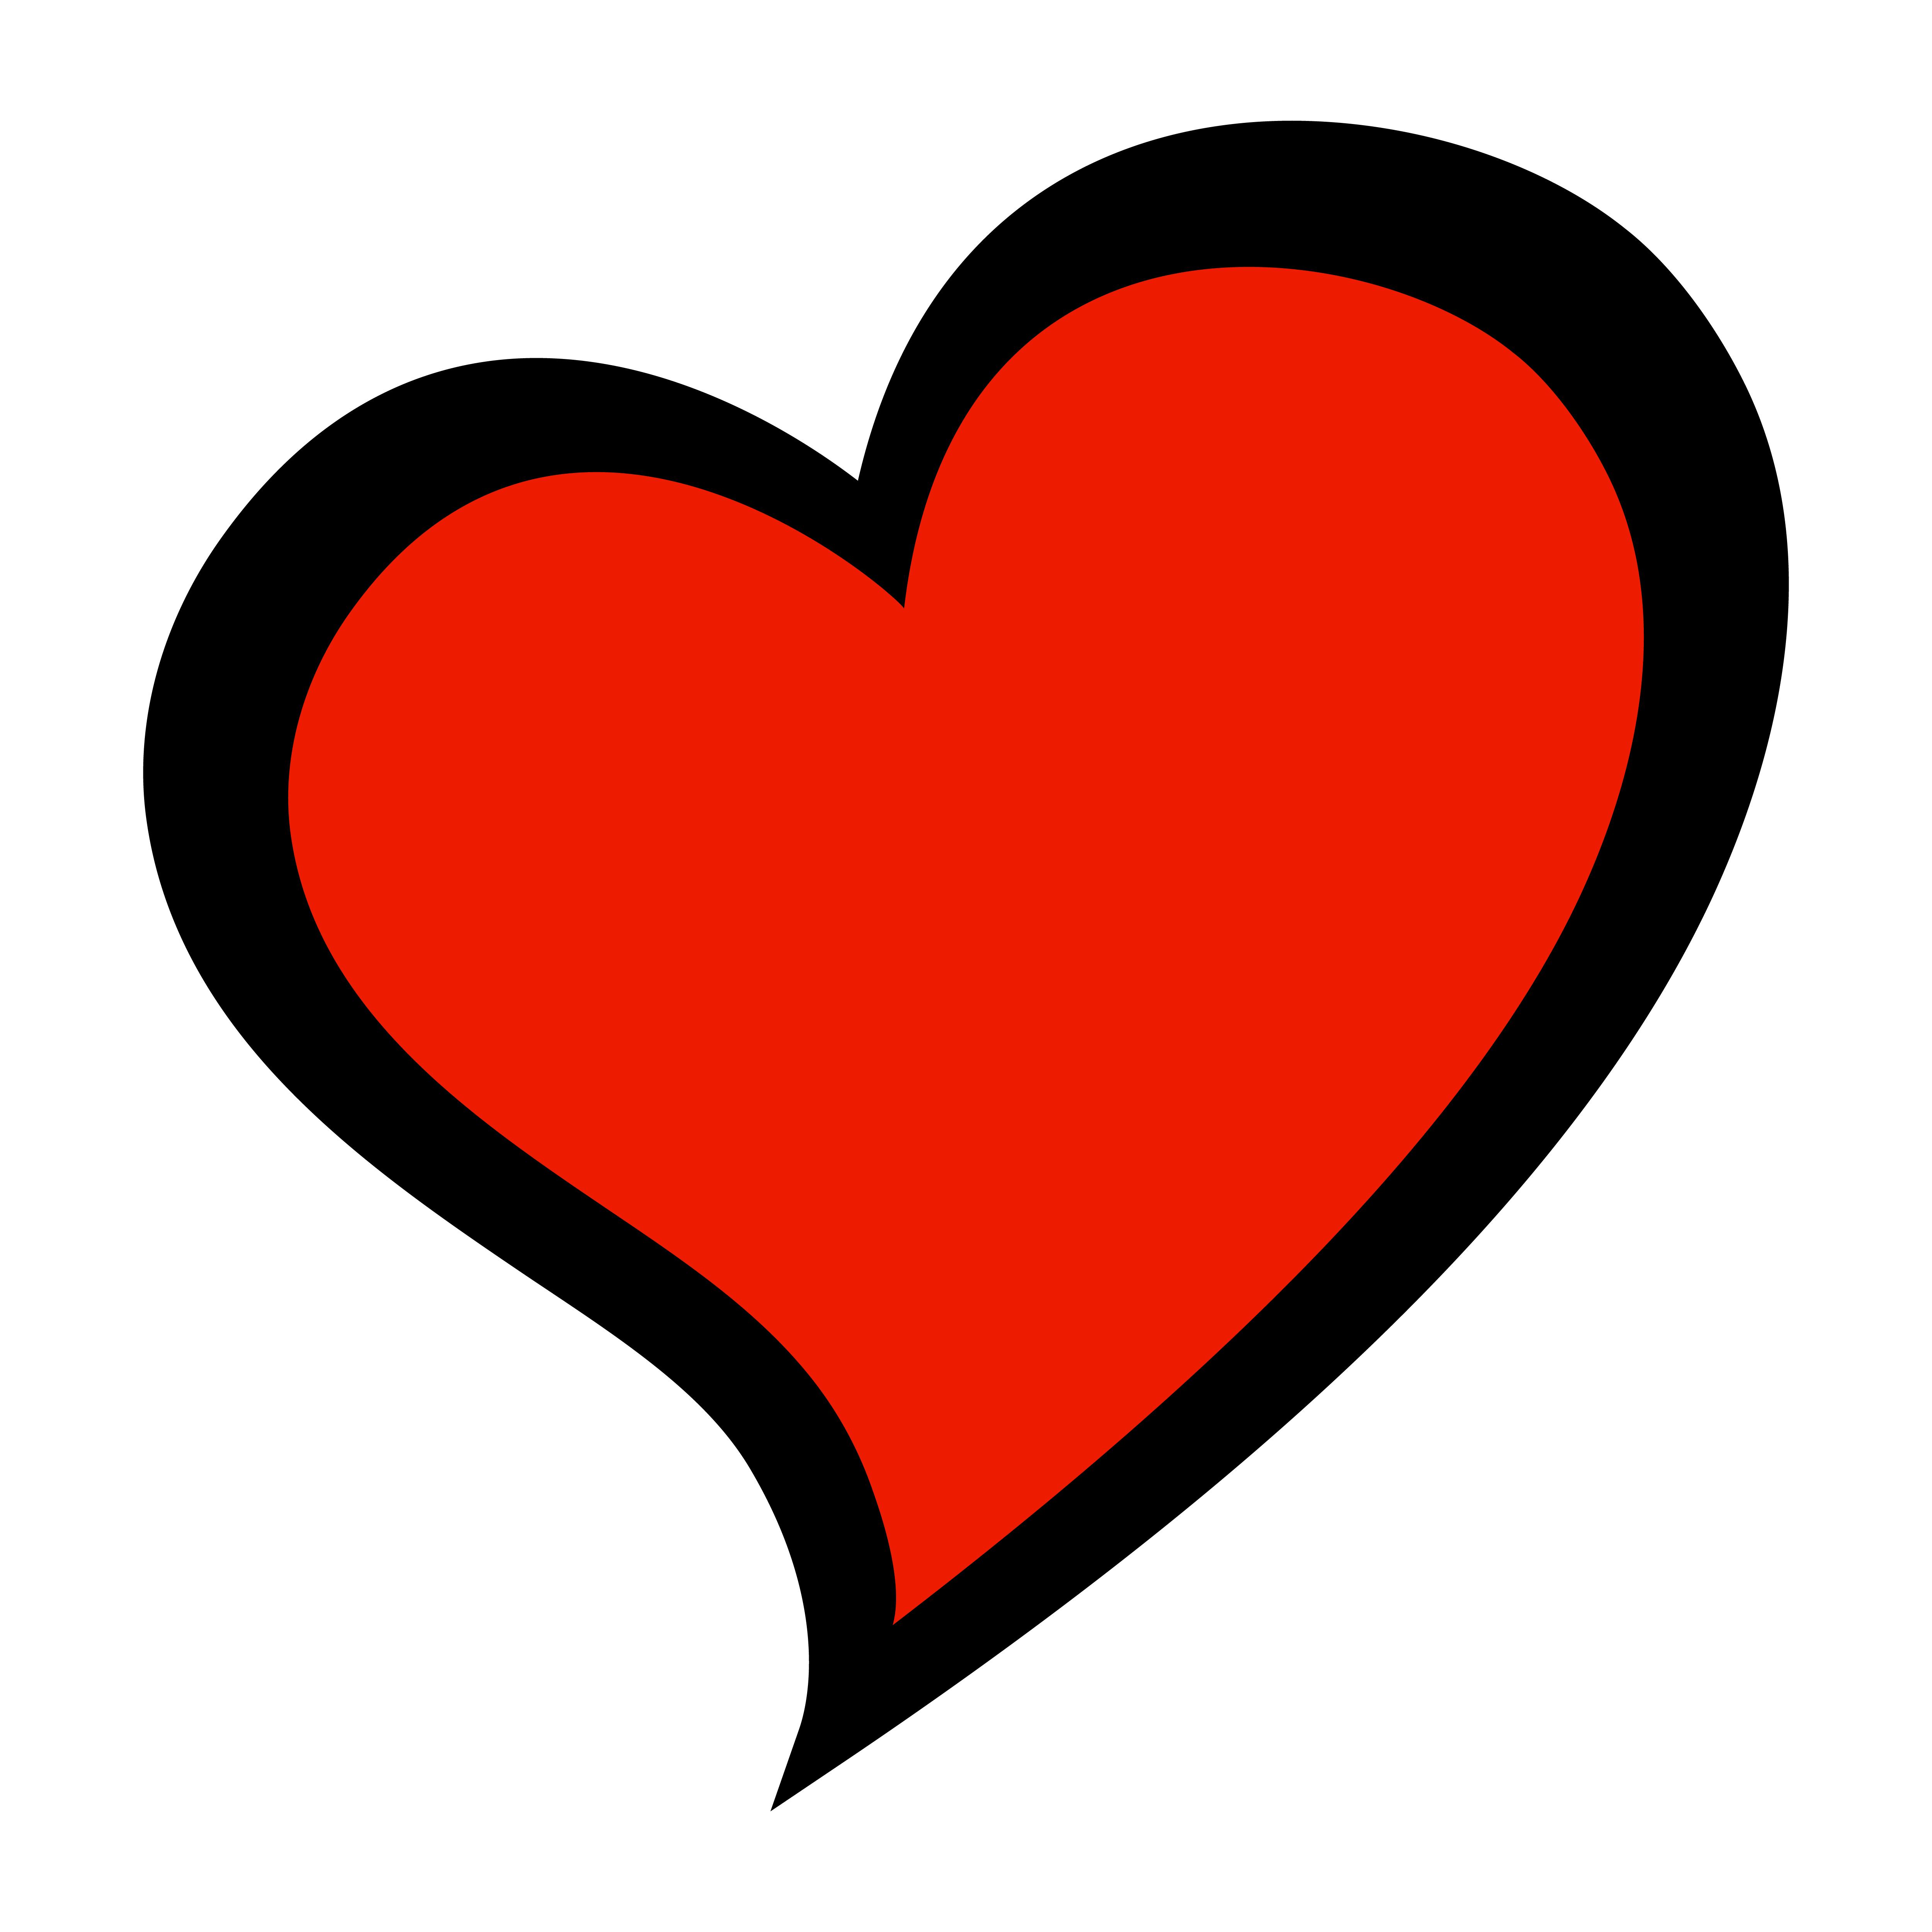 Herz-romantische Liebesgraphik 552599 Vektor Kunst bei